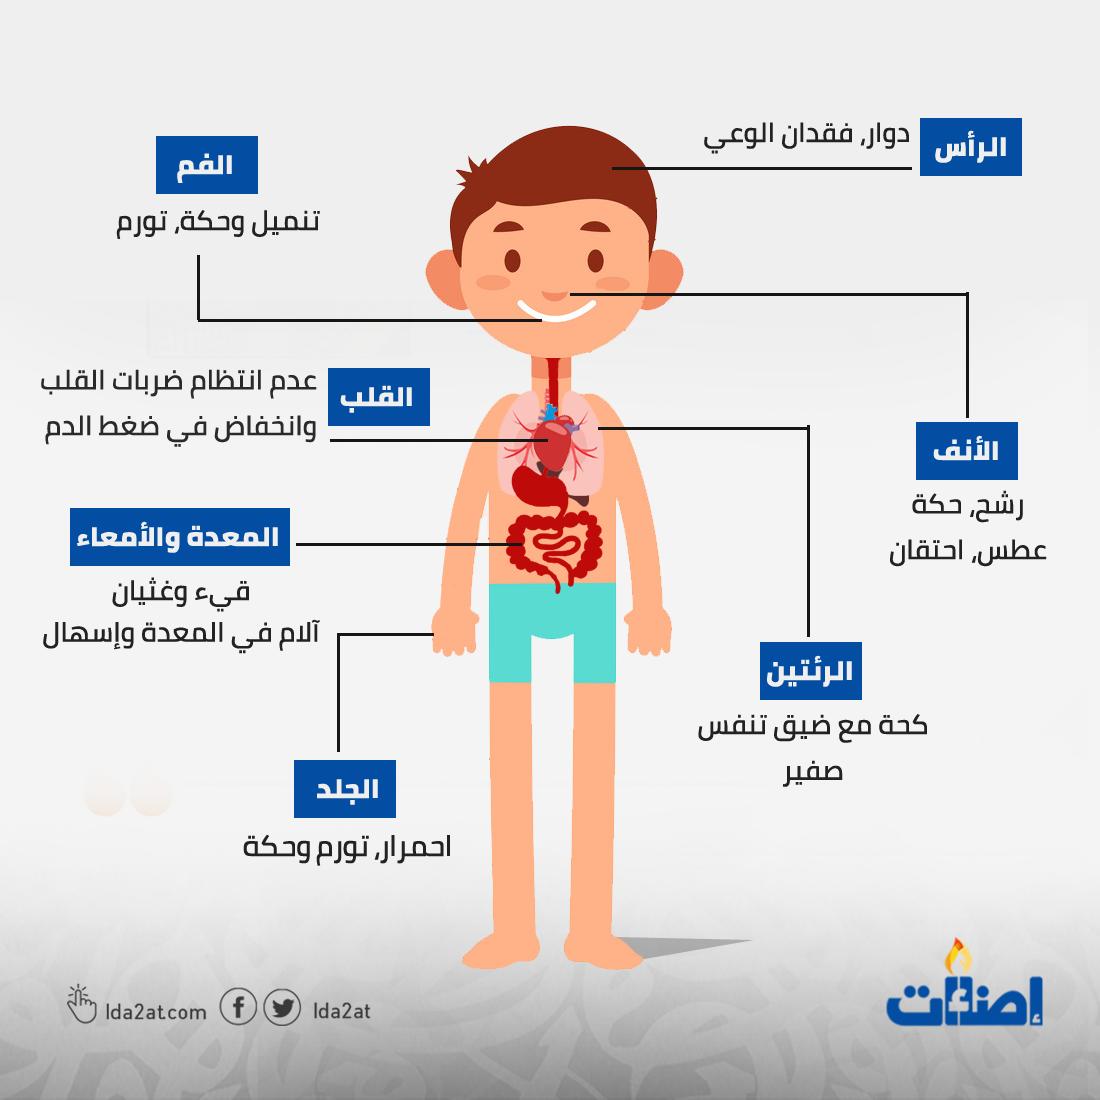 حساسية الطعام, أطفال, فول سوداني, أمراض, طب, صحة